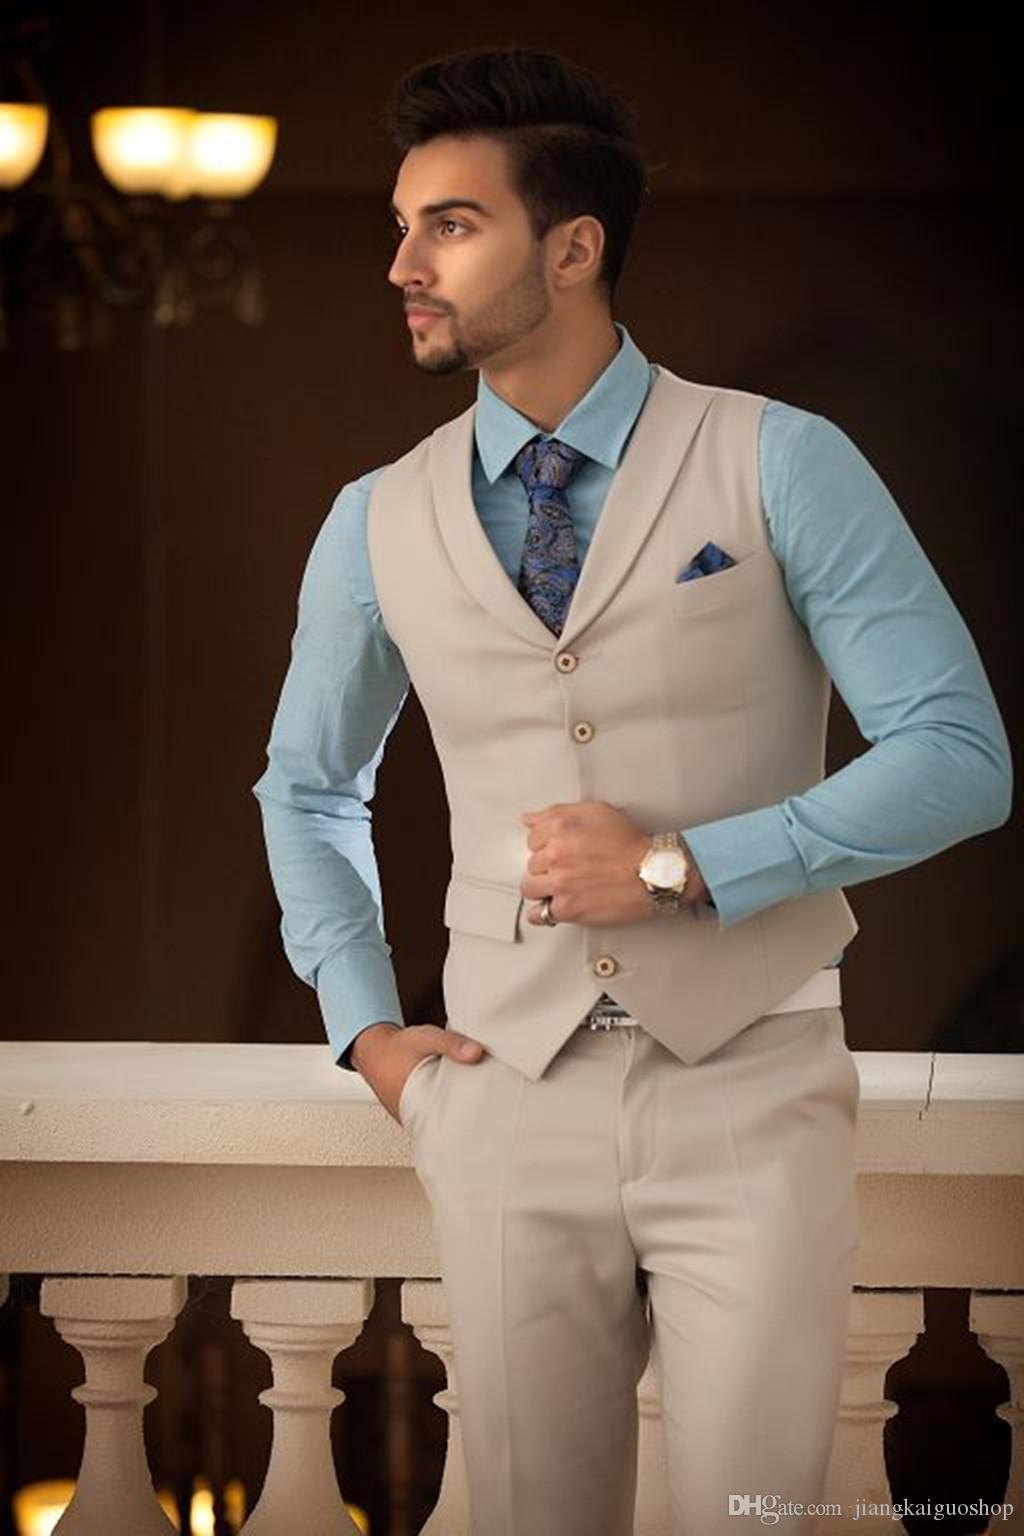 Nuevo Hermoso Beige Luz Beige Novio Tuxedos Vestido de Novia de los hombres, Ropa de Prom, Solapa de la muesca, Un Botón, Trajes Slim Fit Chaqueta + pantalones + corbata + Chaleco